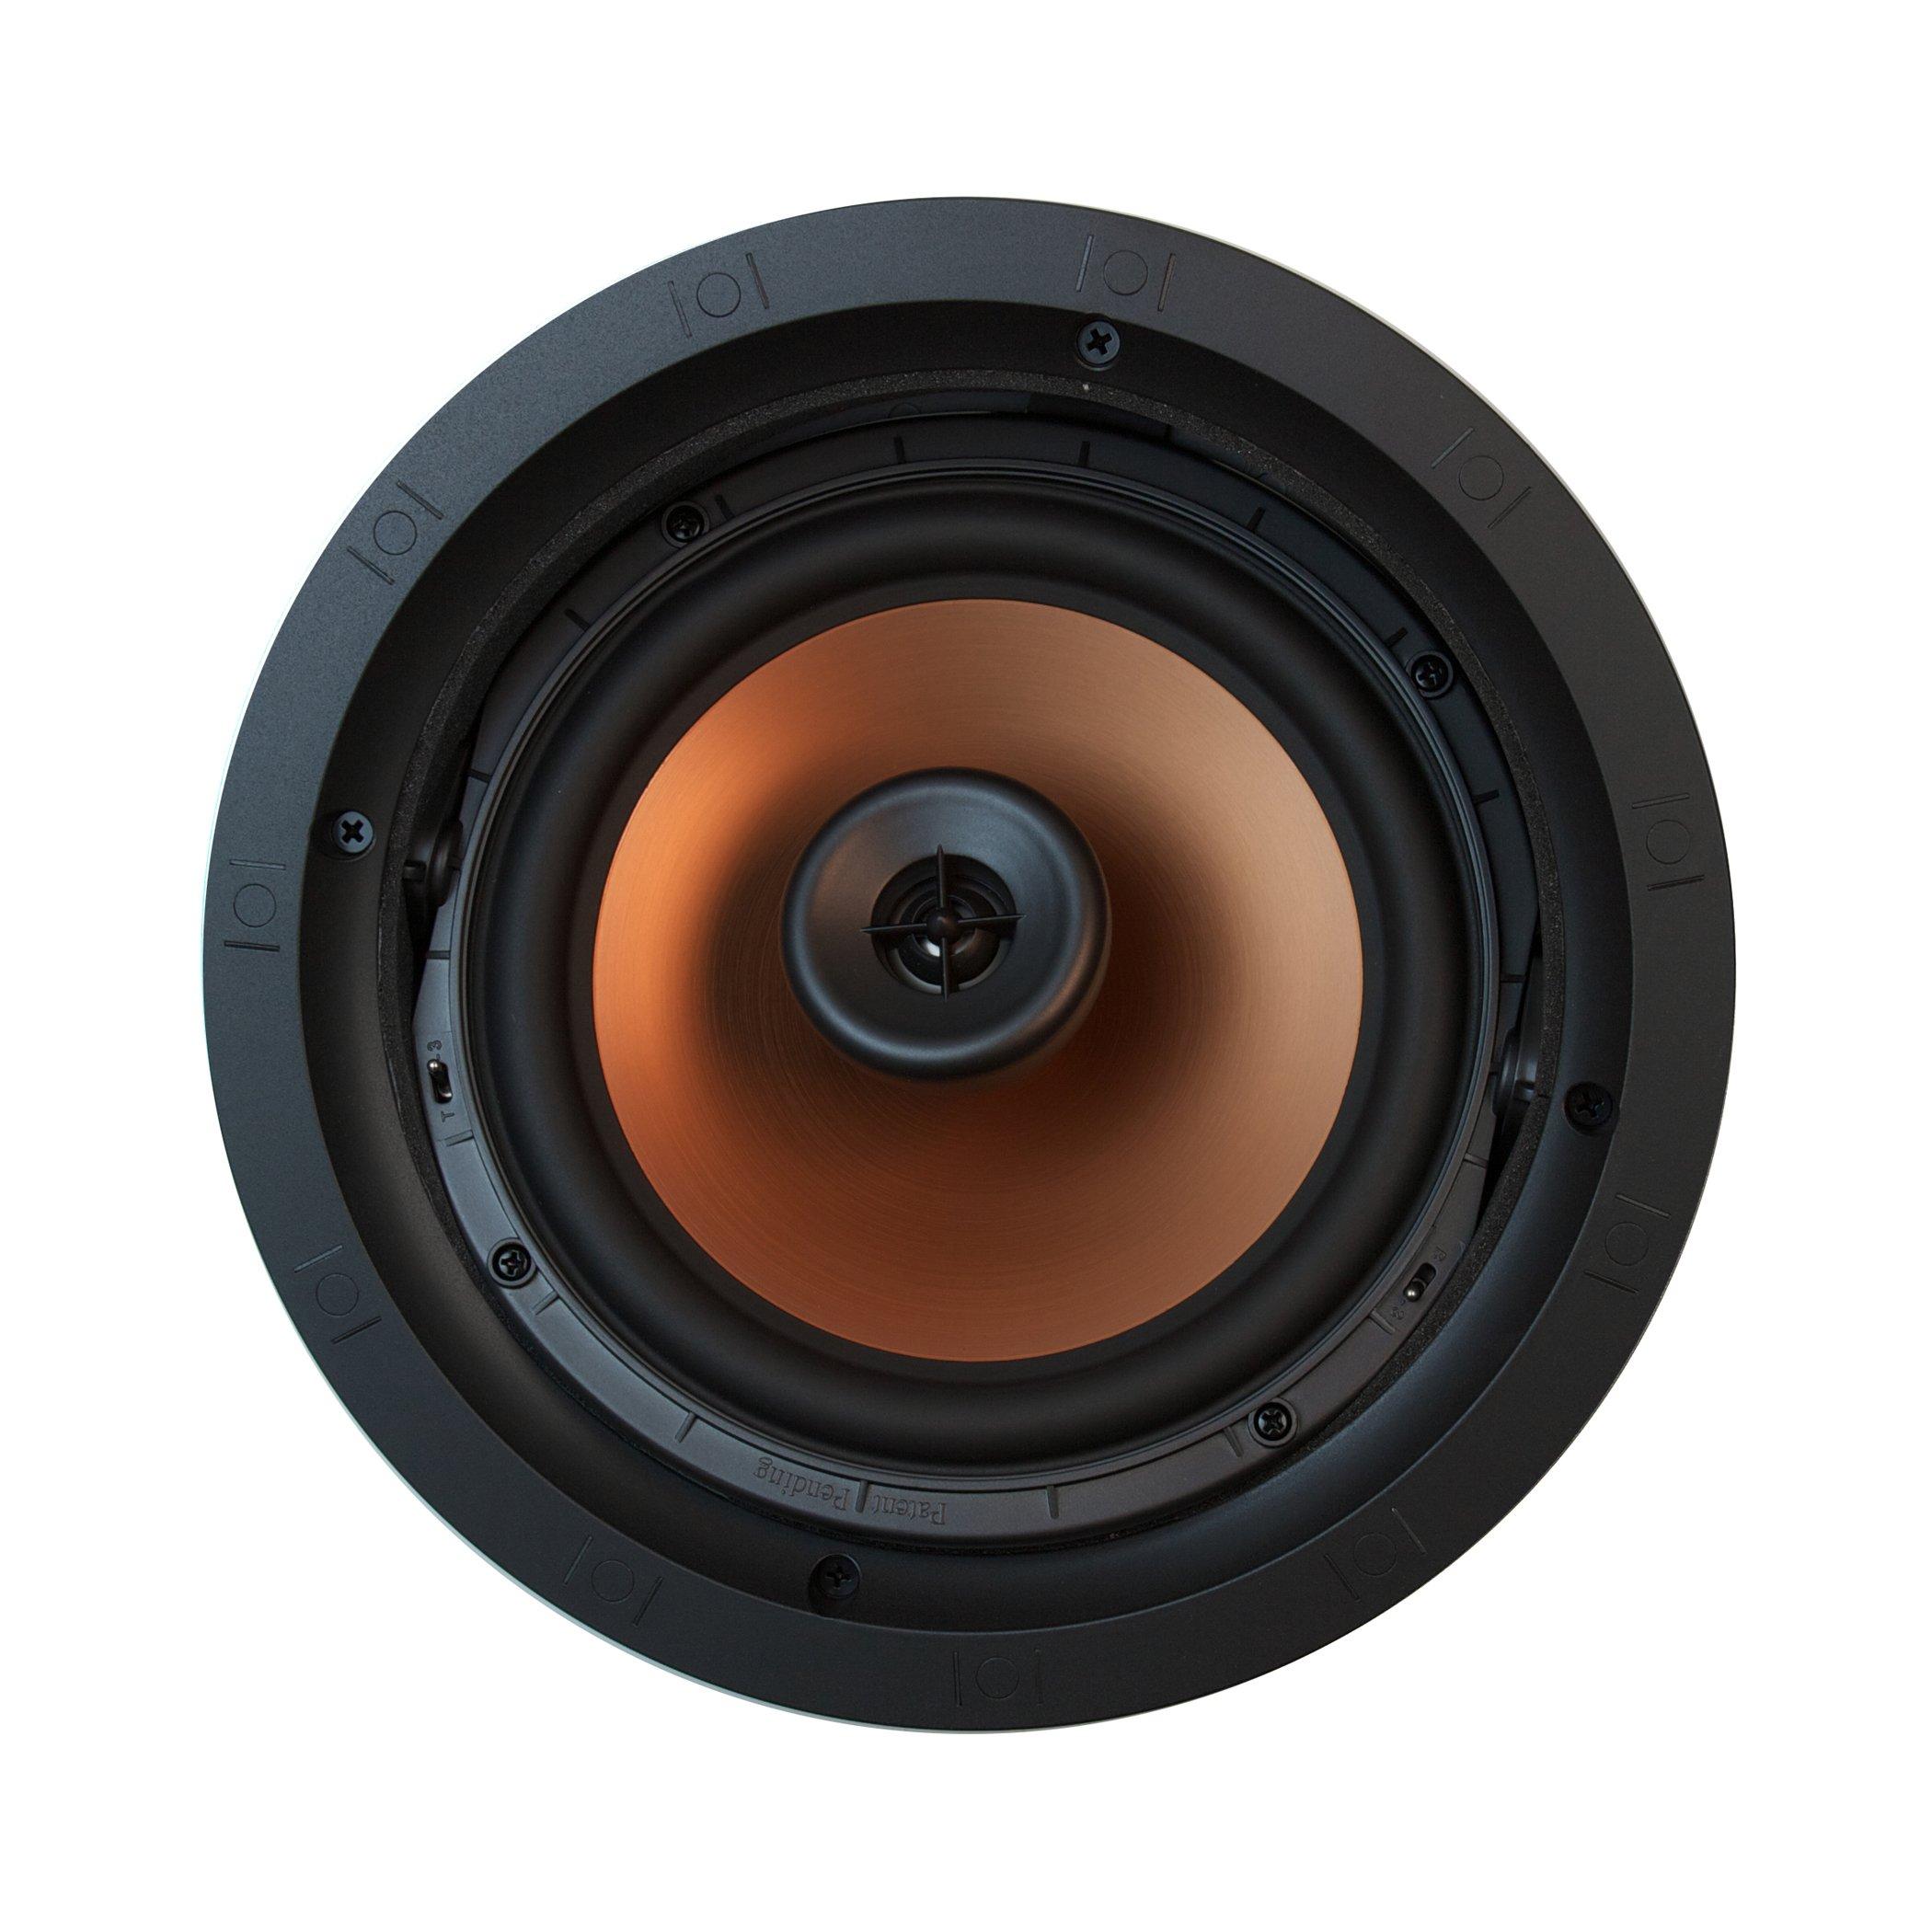 Klipsch CDT-5800-C II In-Ceiling Speaker - White (Each) by Klipsch